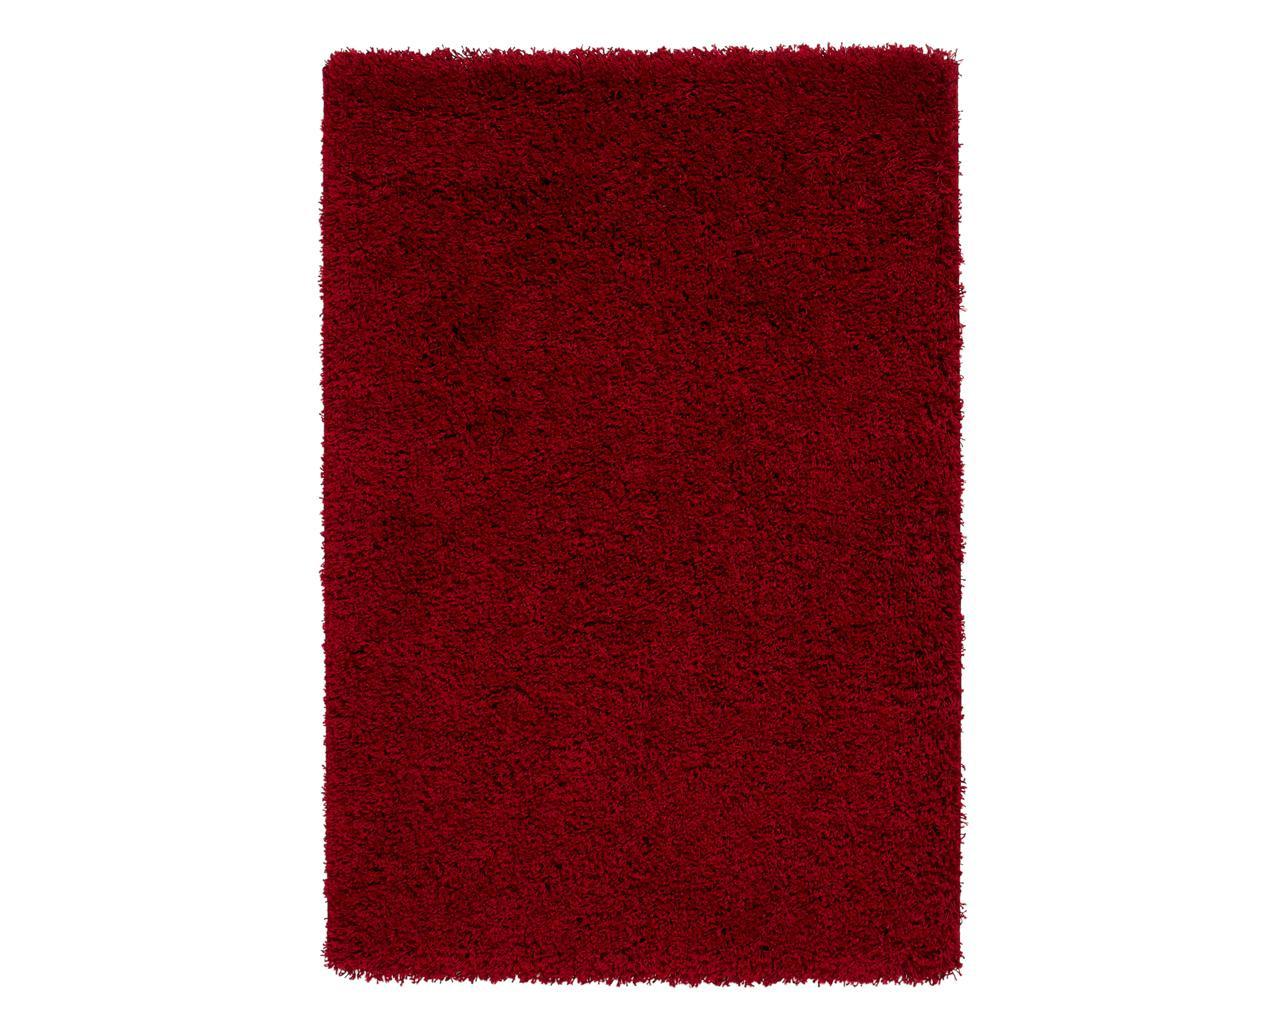 Covor Vista Red 200x290 cm